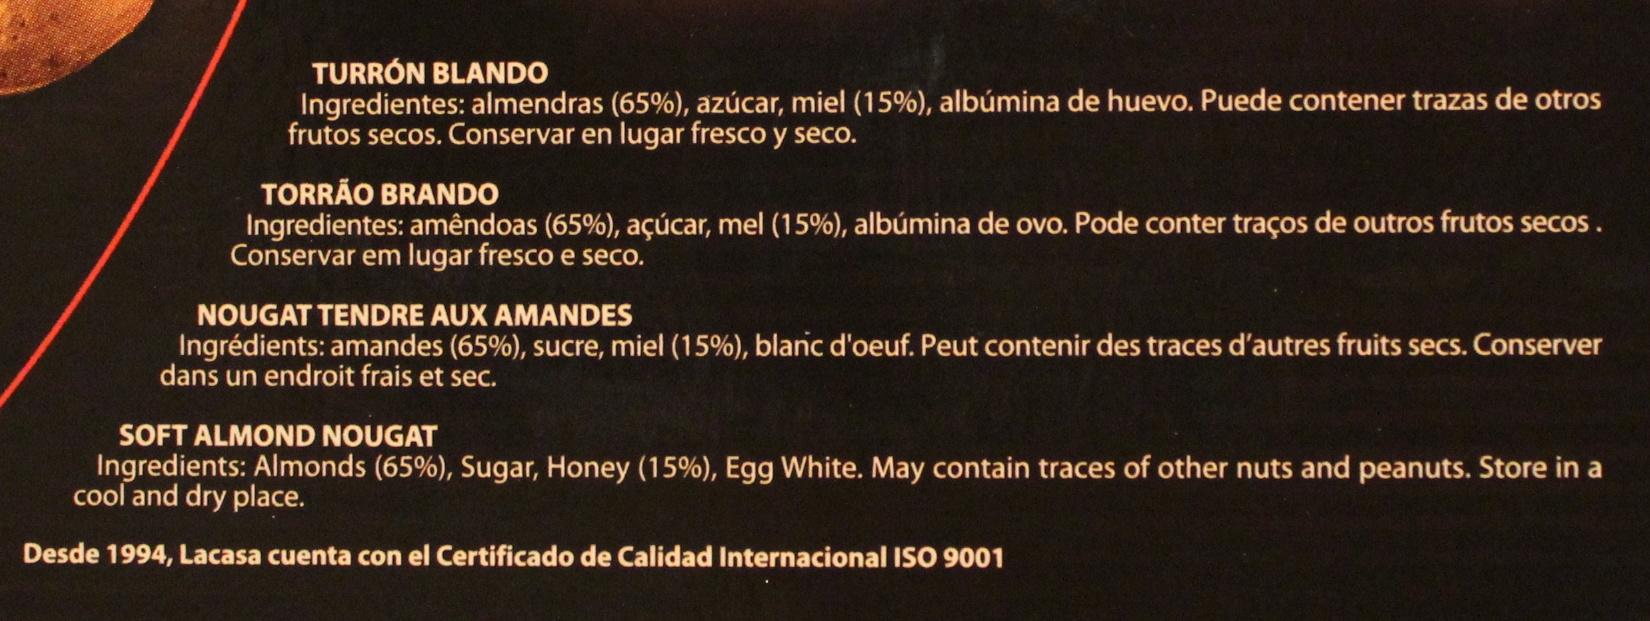 Turrón blando - Ingredientes - es